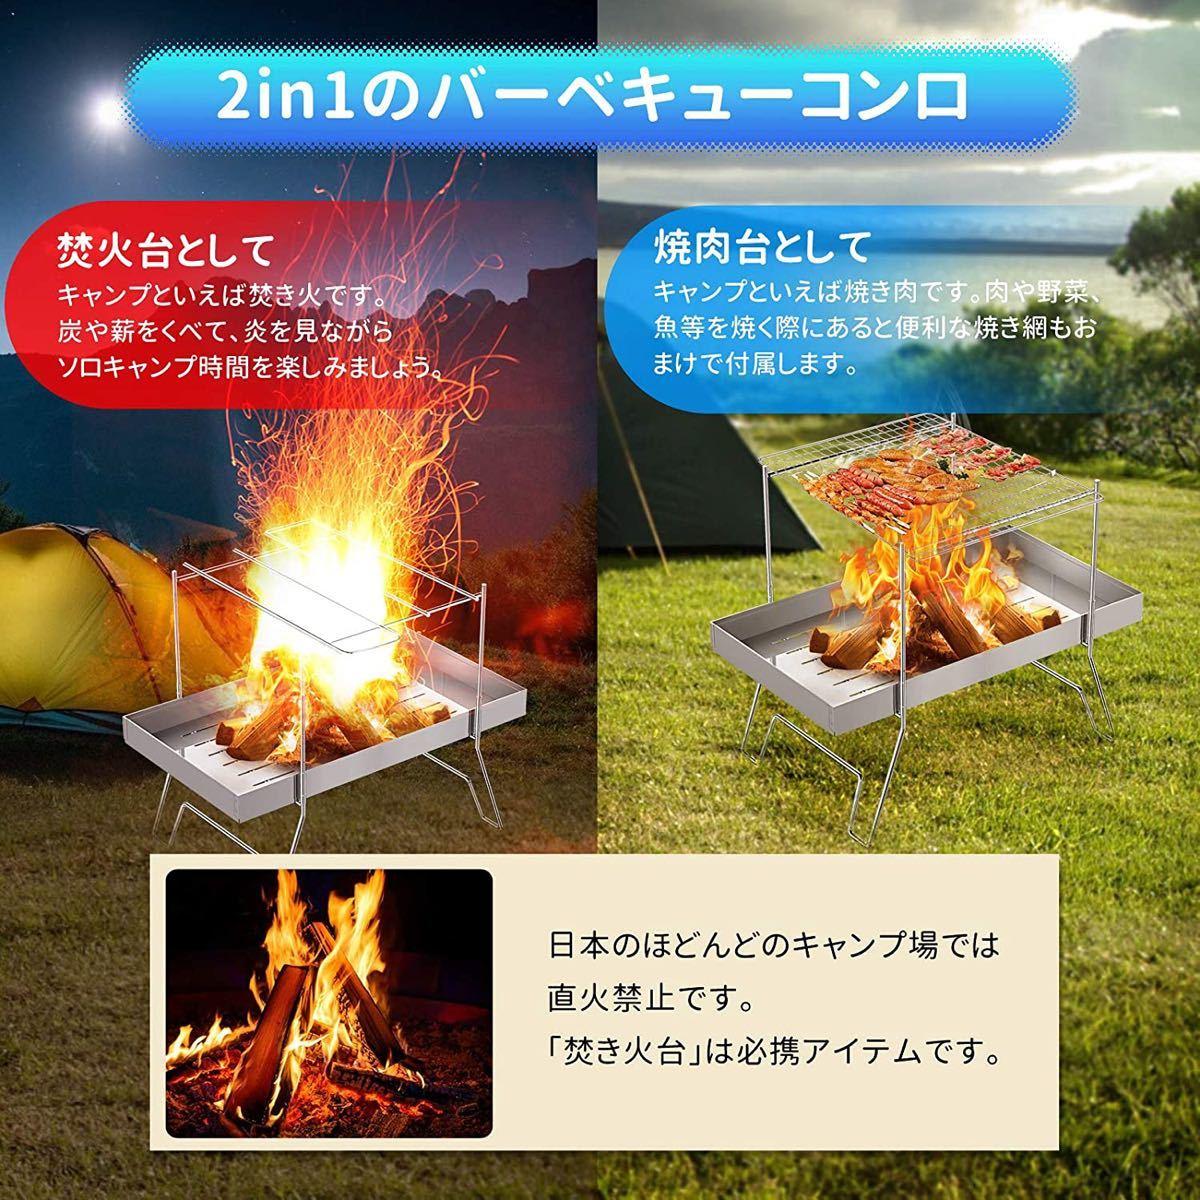 焚き火台 アウトドア バーベキューコンロ 携帯便利 折り畳み式 キャンプ用品